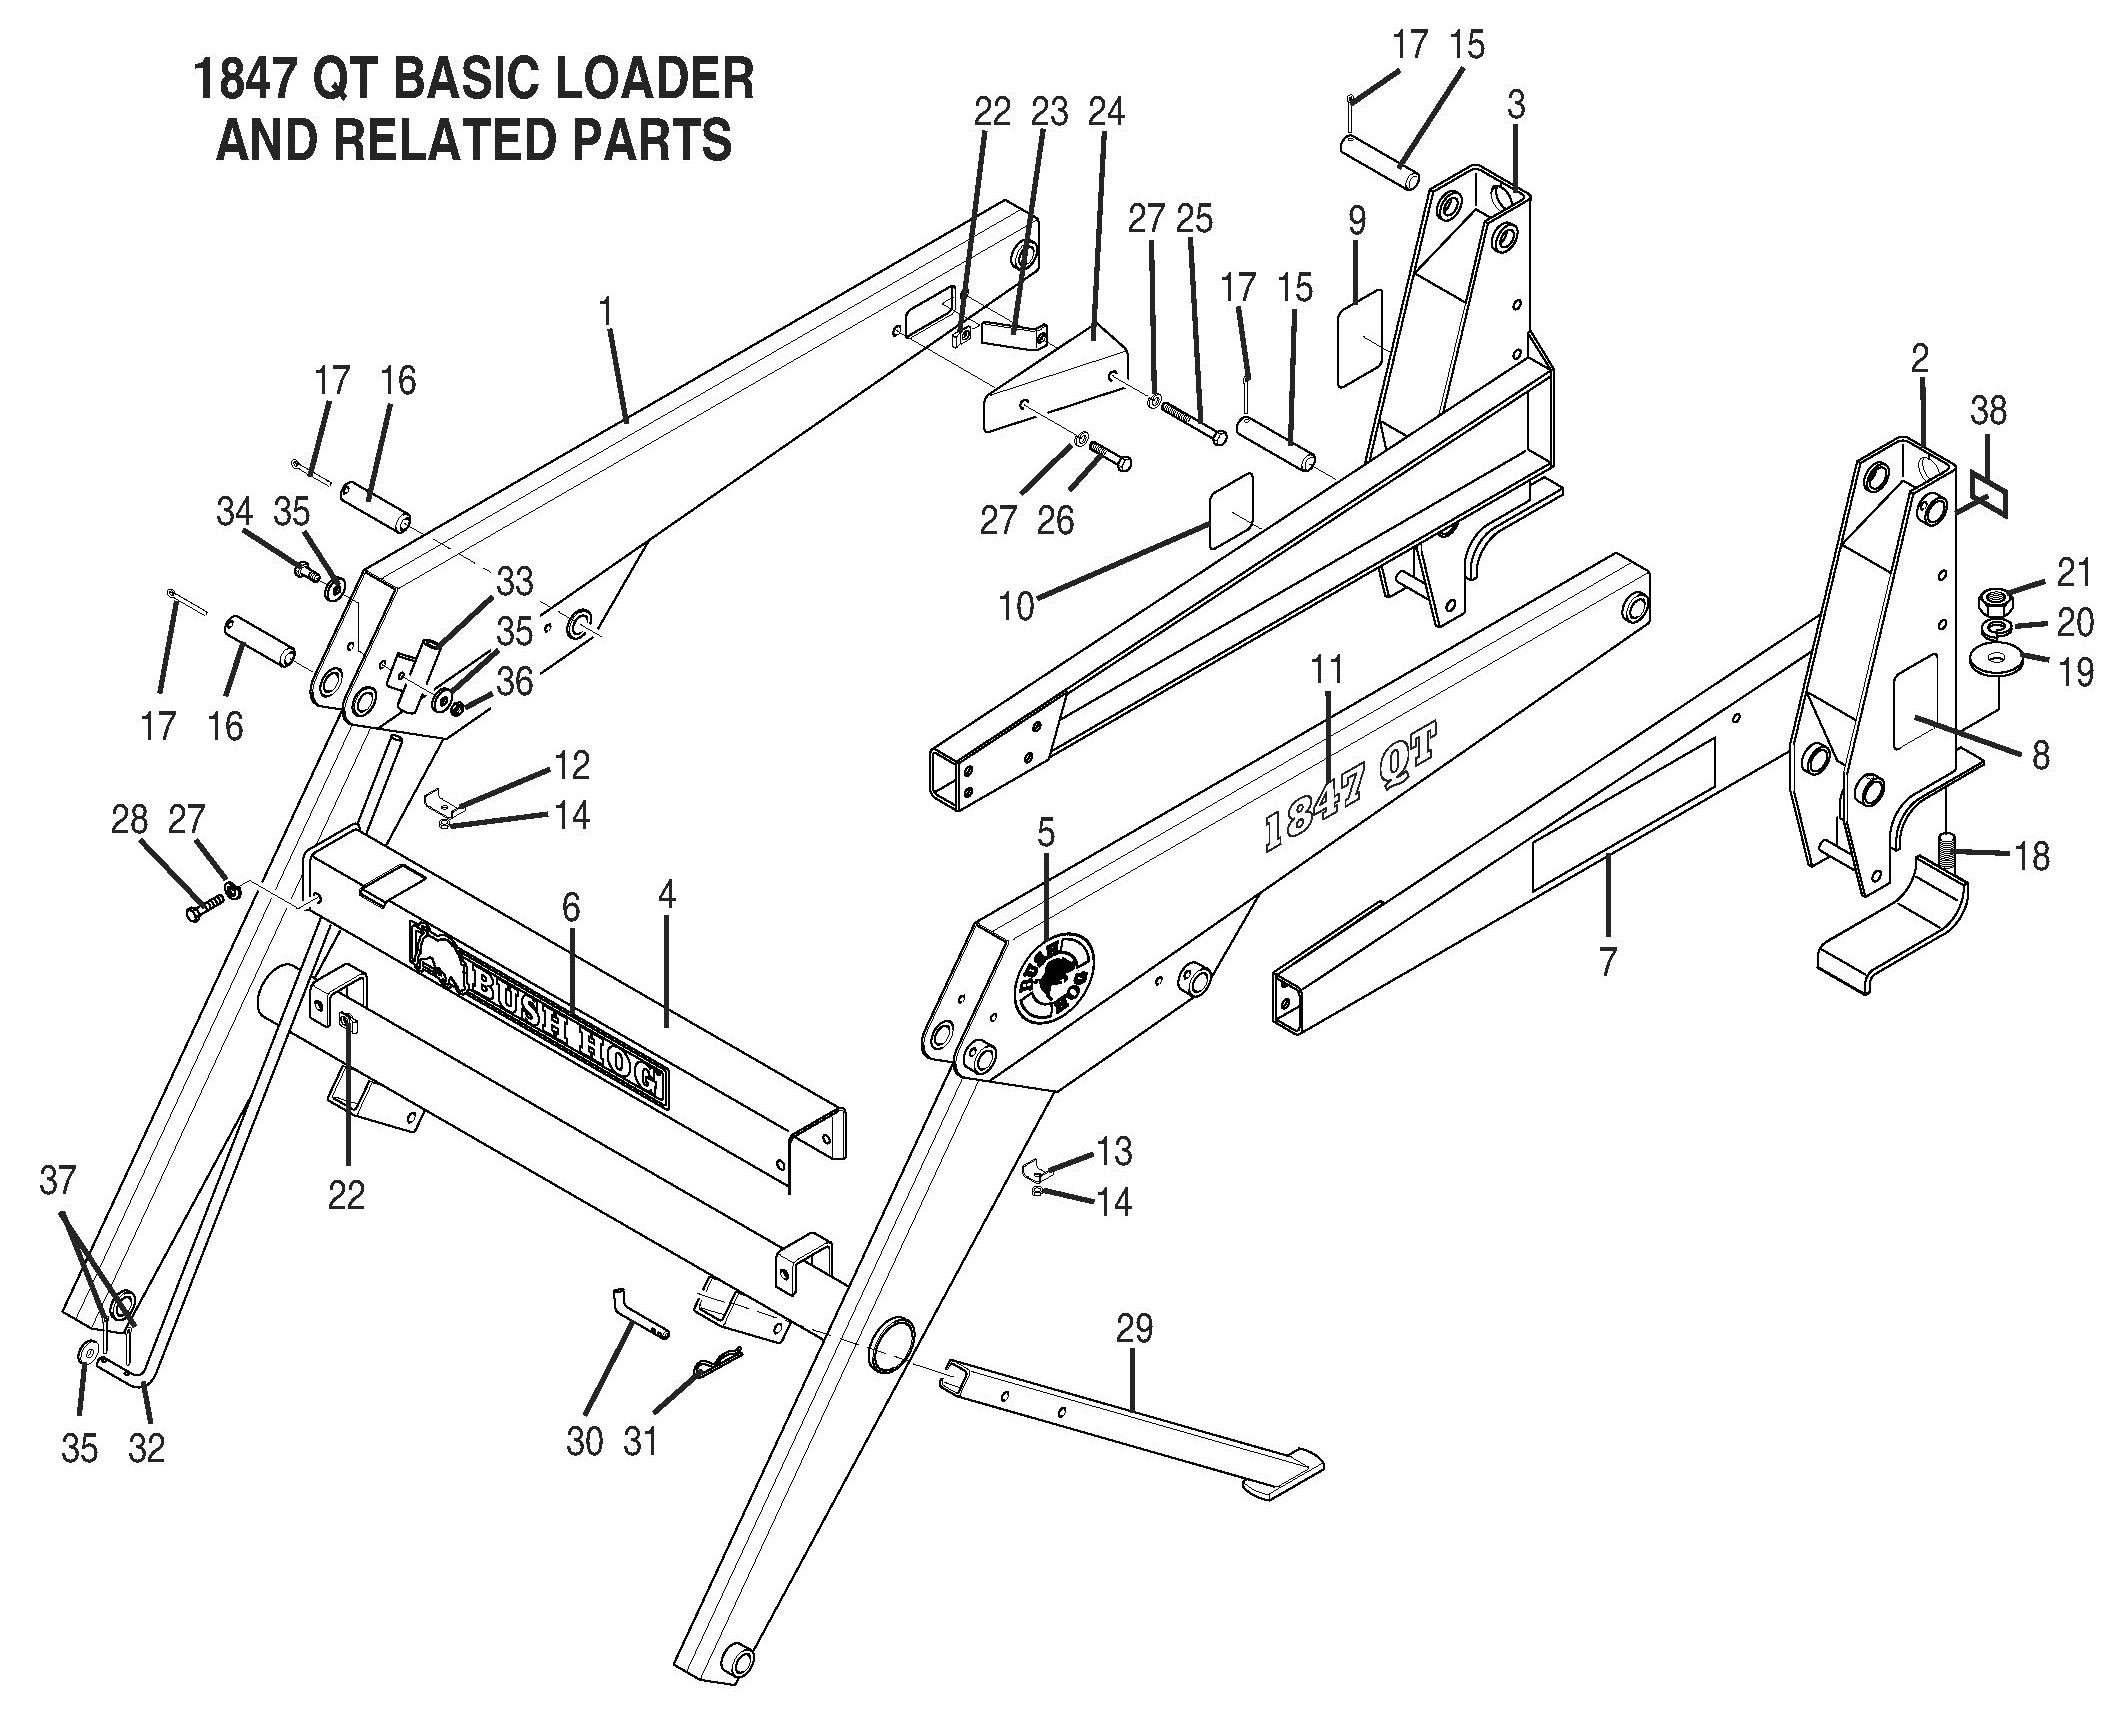 Kioti lk3054 parts diagram new wiring diagram 2018 97551 basicloader kioti lk3054 parts diagramhtml